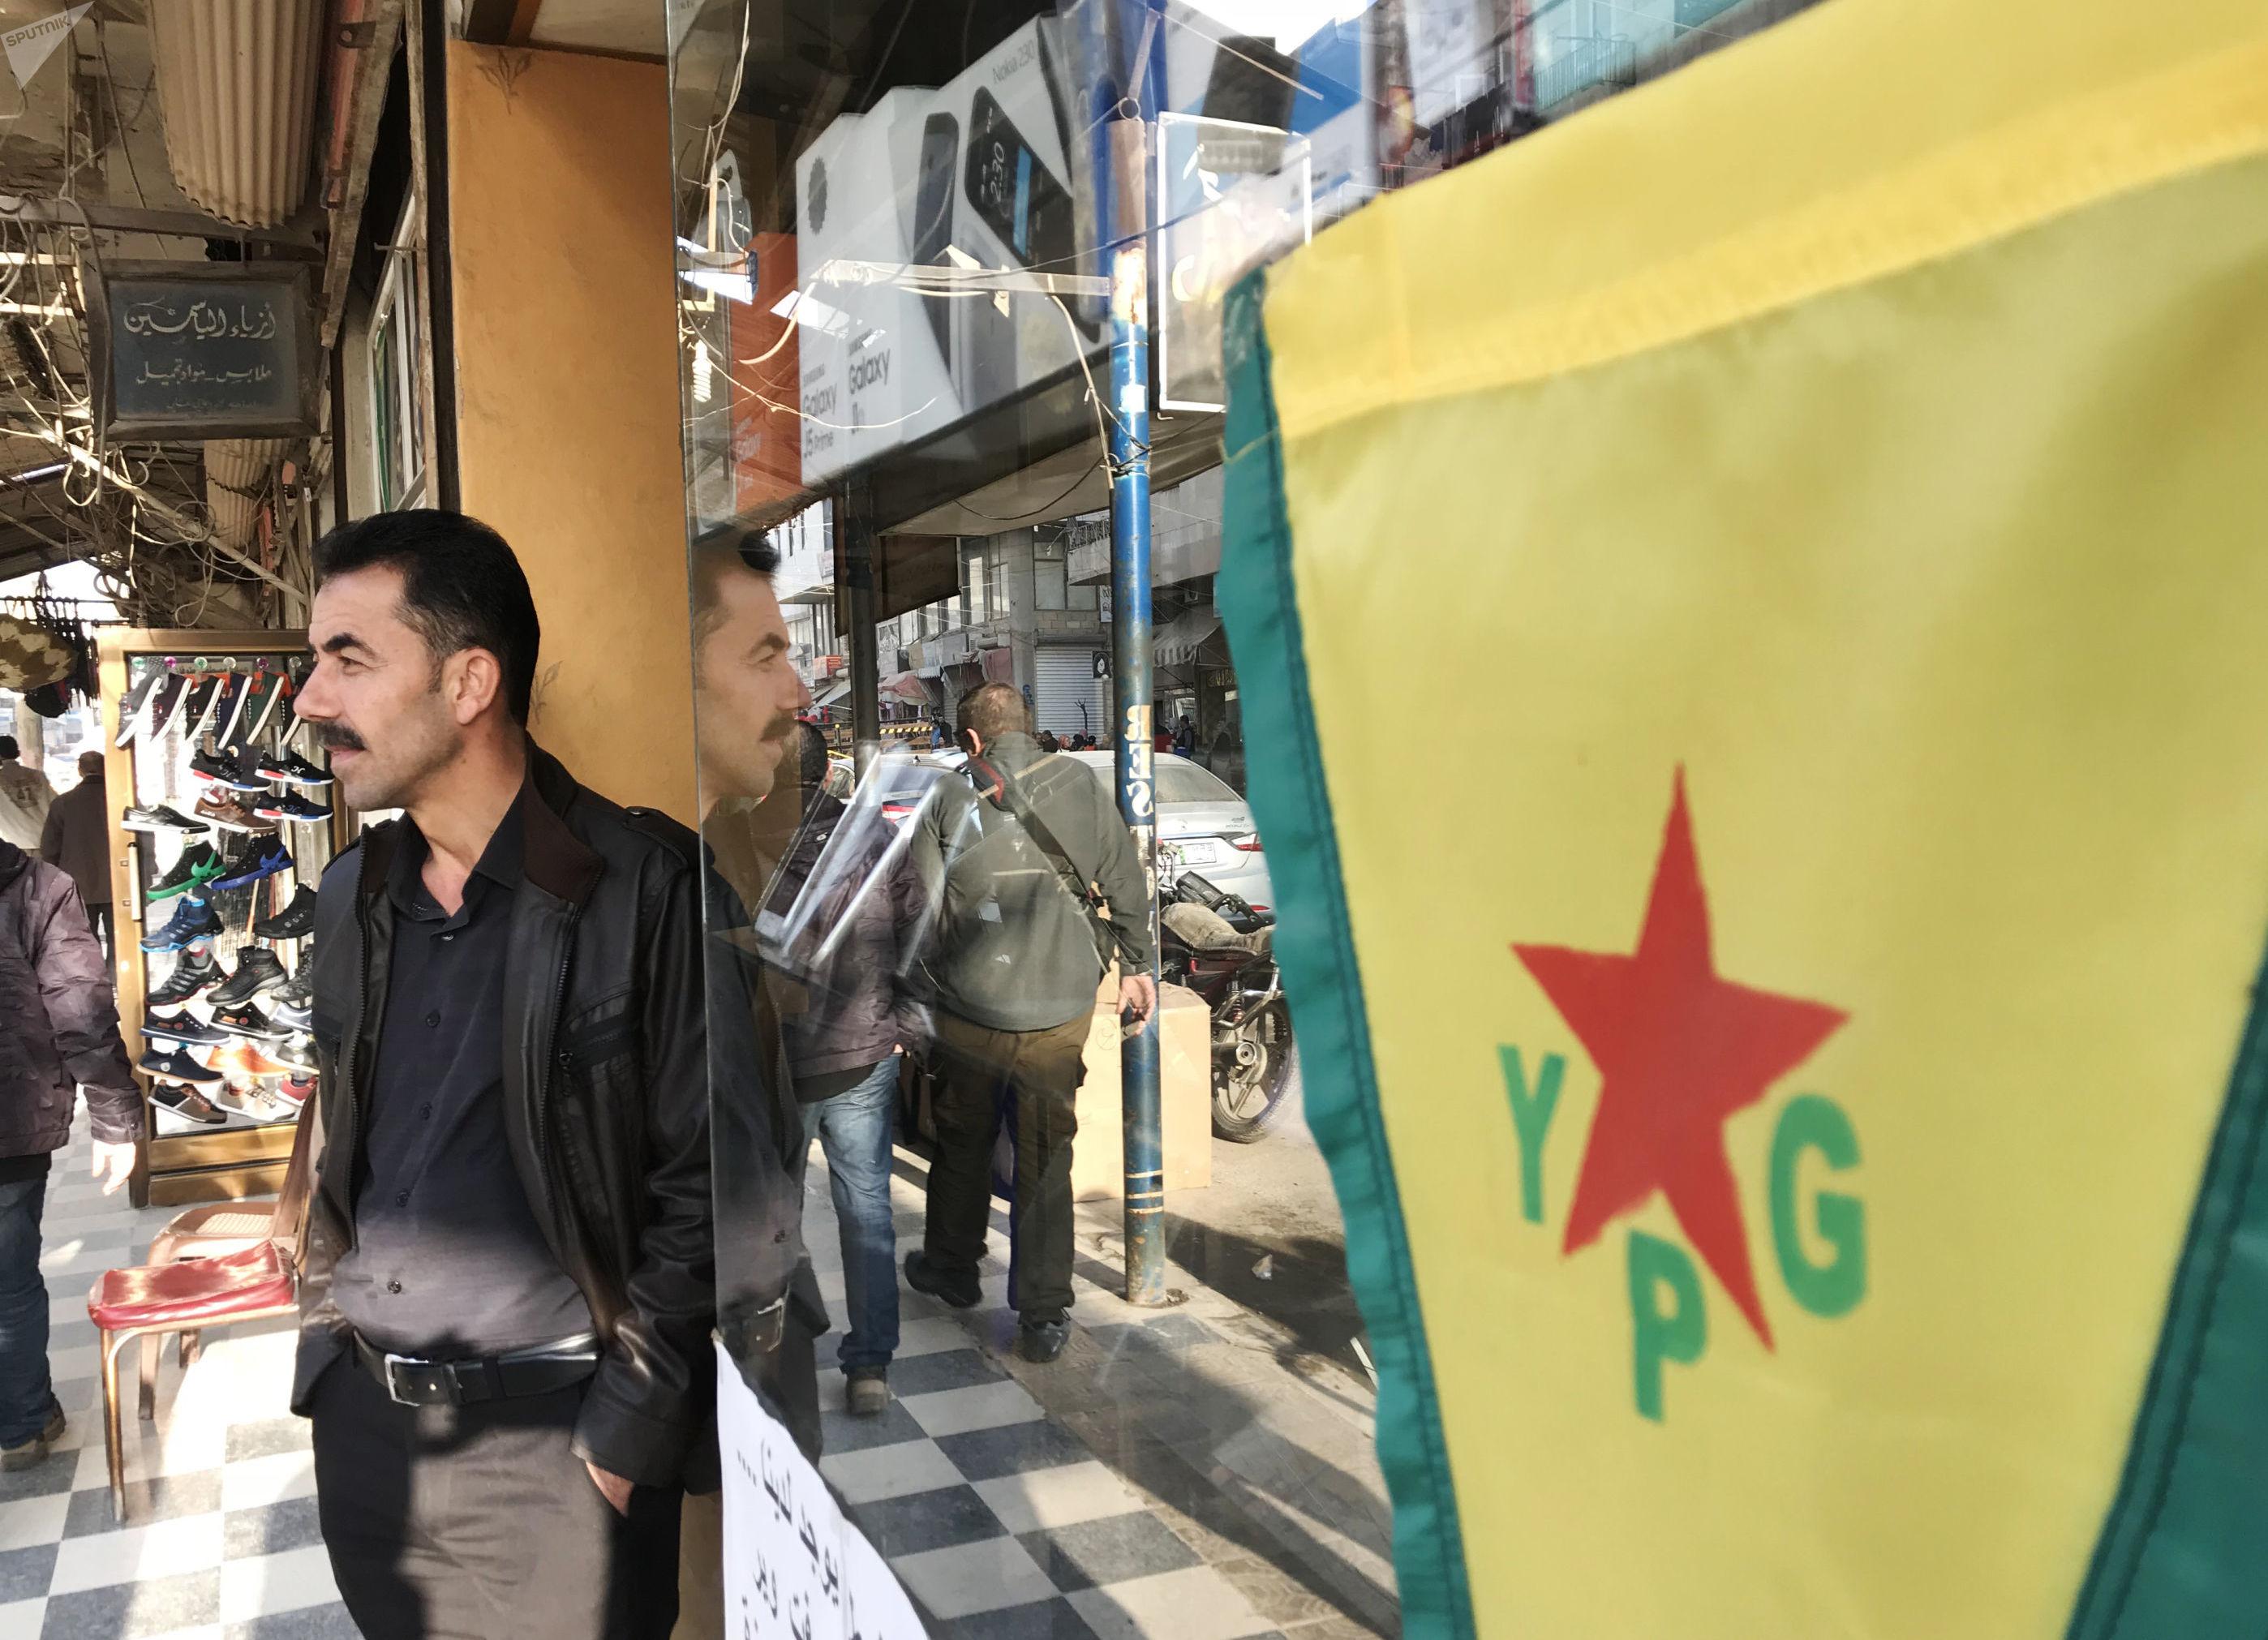 Bandeira da milícia curda YPG na rua central da cidade de Afrin, na Síria